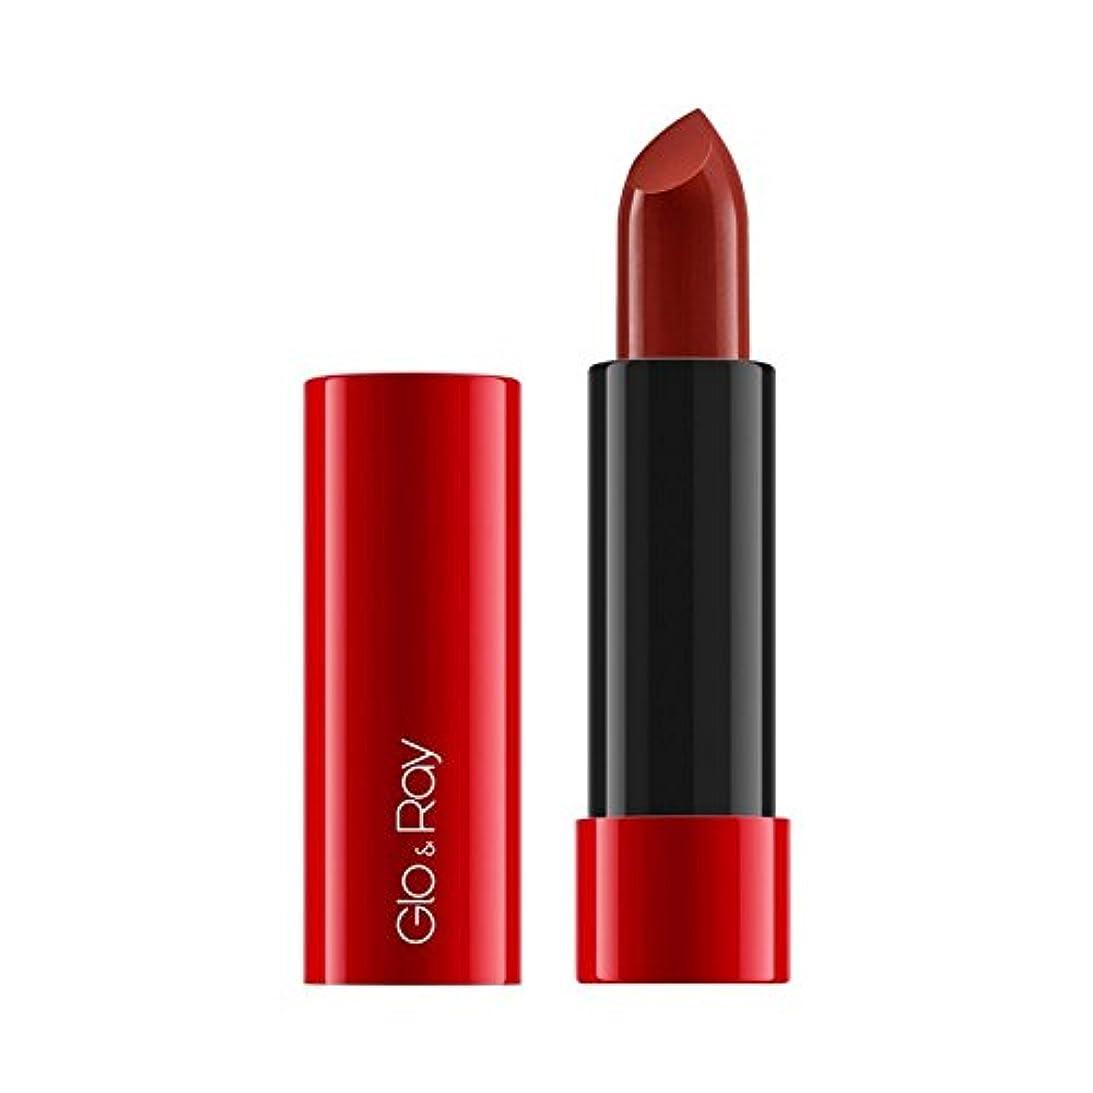 侵入する居住者としてGlo & Ray La Amo Creamy Matte Lip Colour Mysterious 640 - &謎の光線ラクリーミーマットリップカラー640 [並行輸入品]